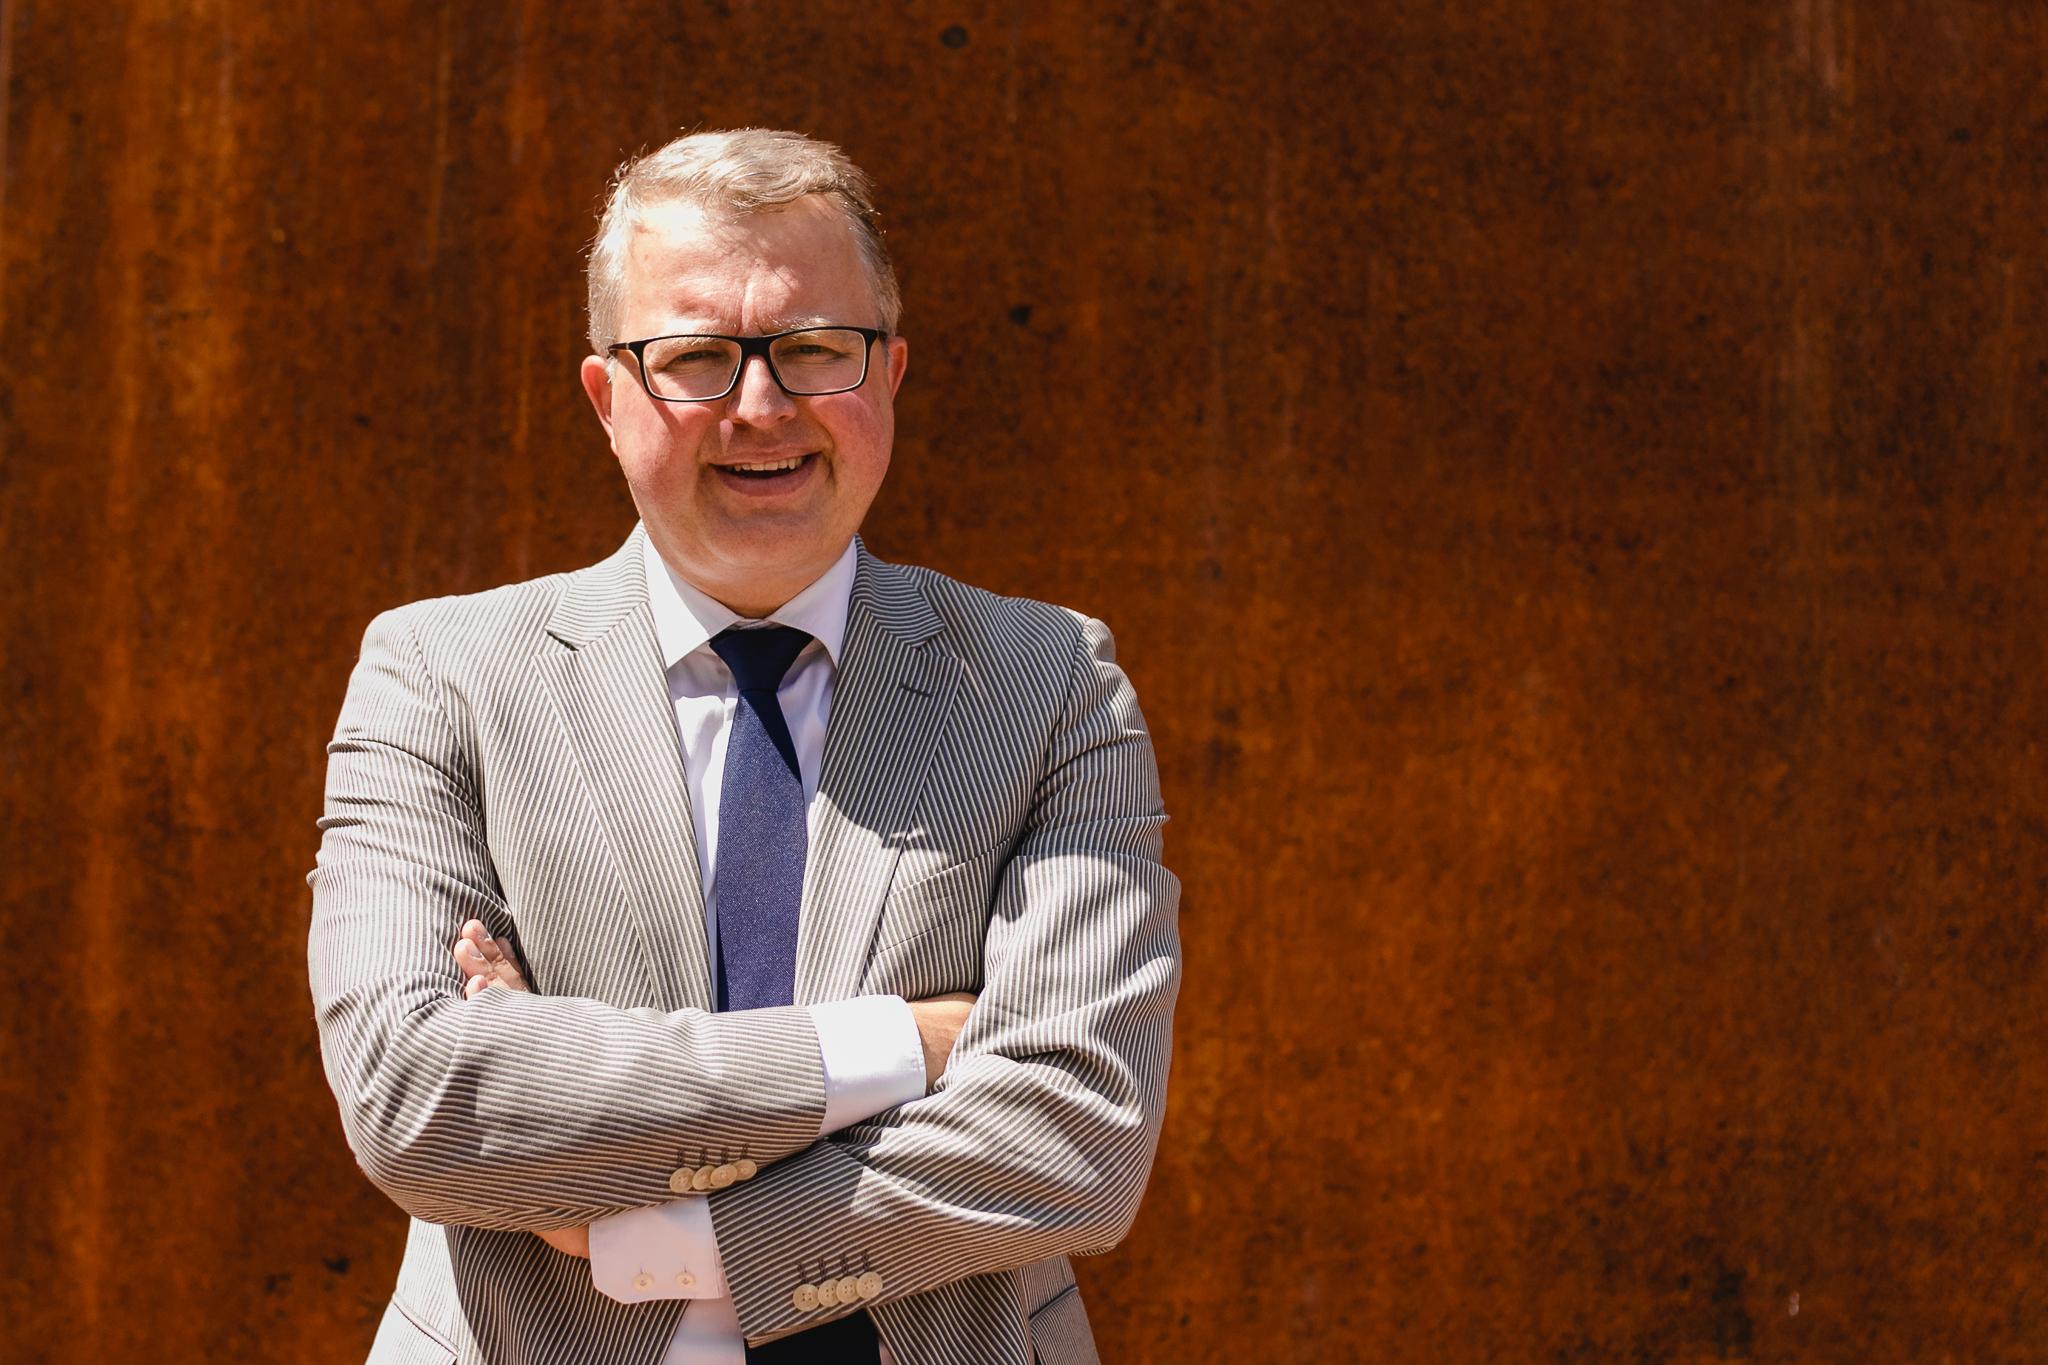 Rede von Frank Schäffler im Deutschen Bundestag